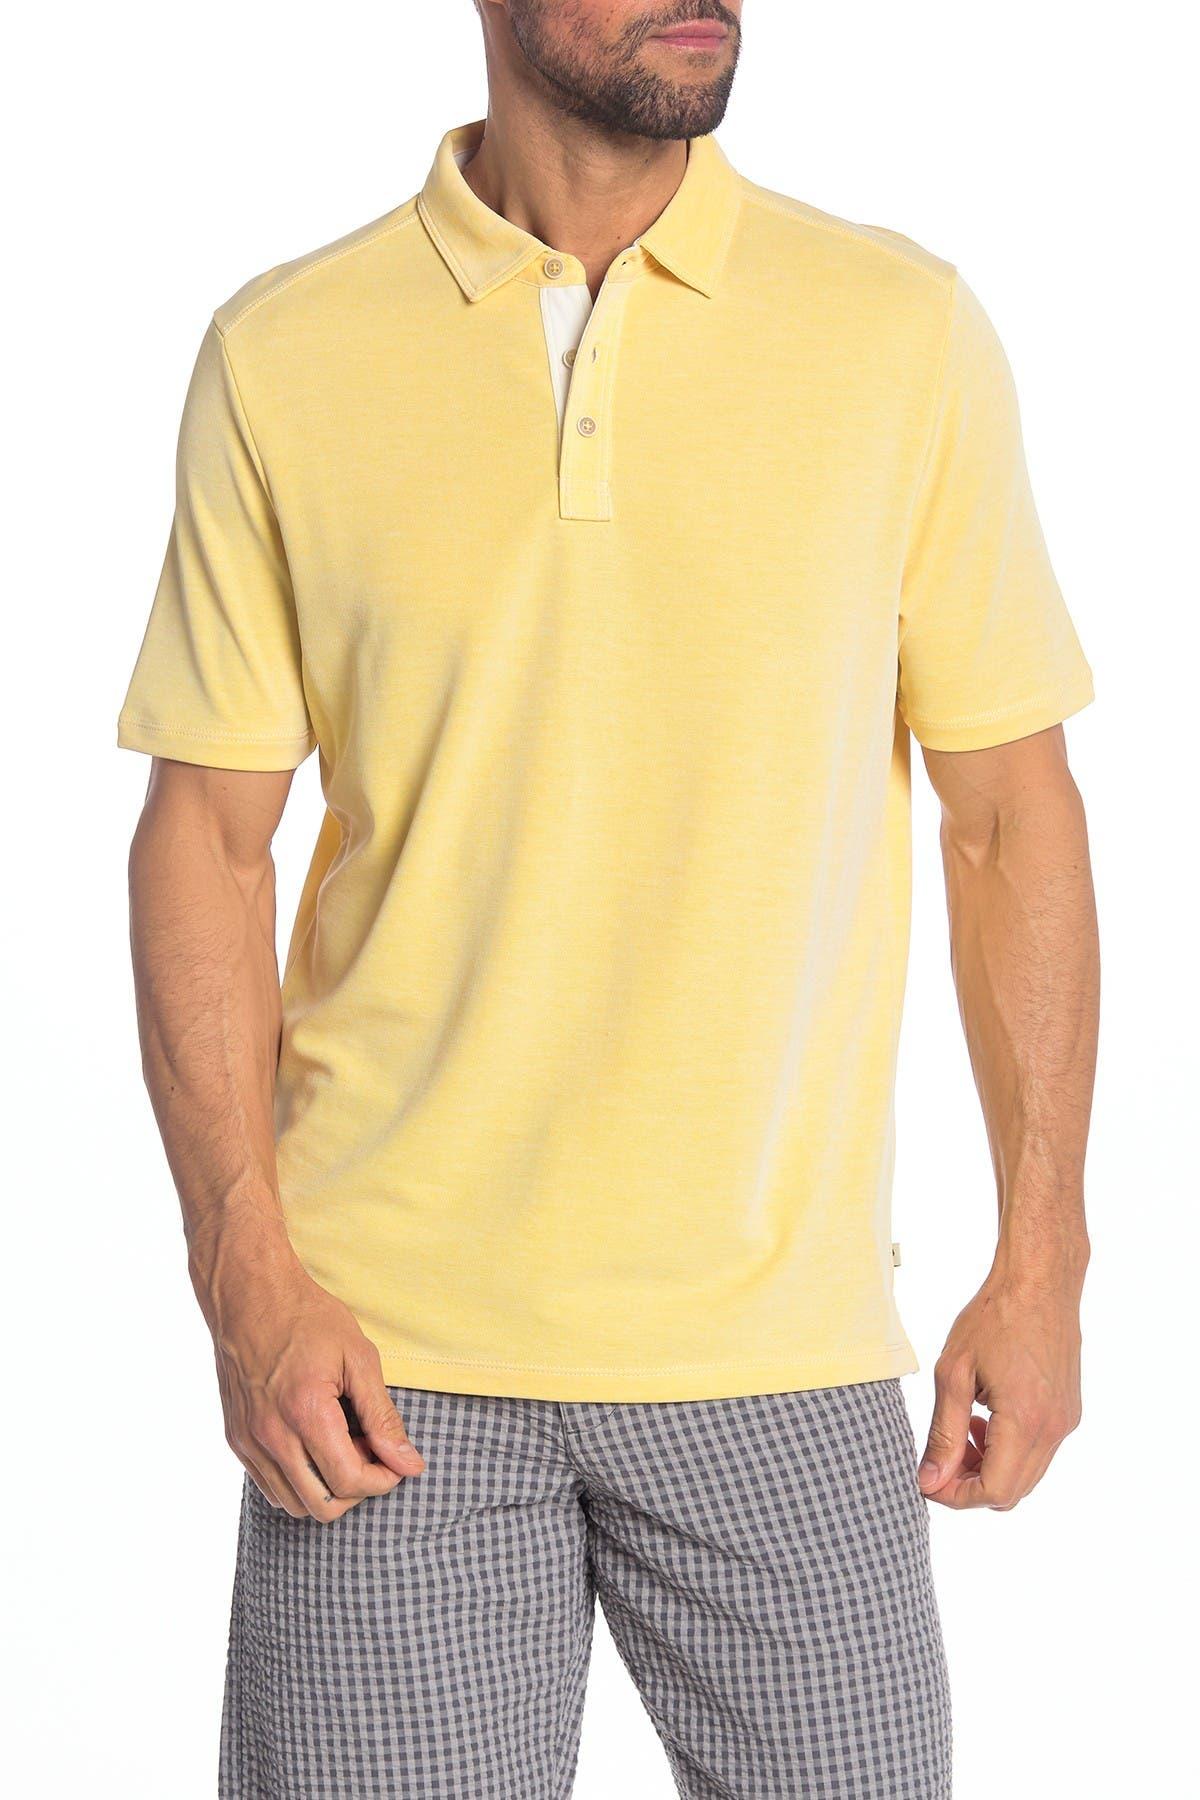 Image of Tommy Bahama Shoreline Surf Polo Shirt